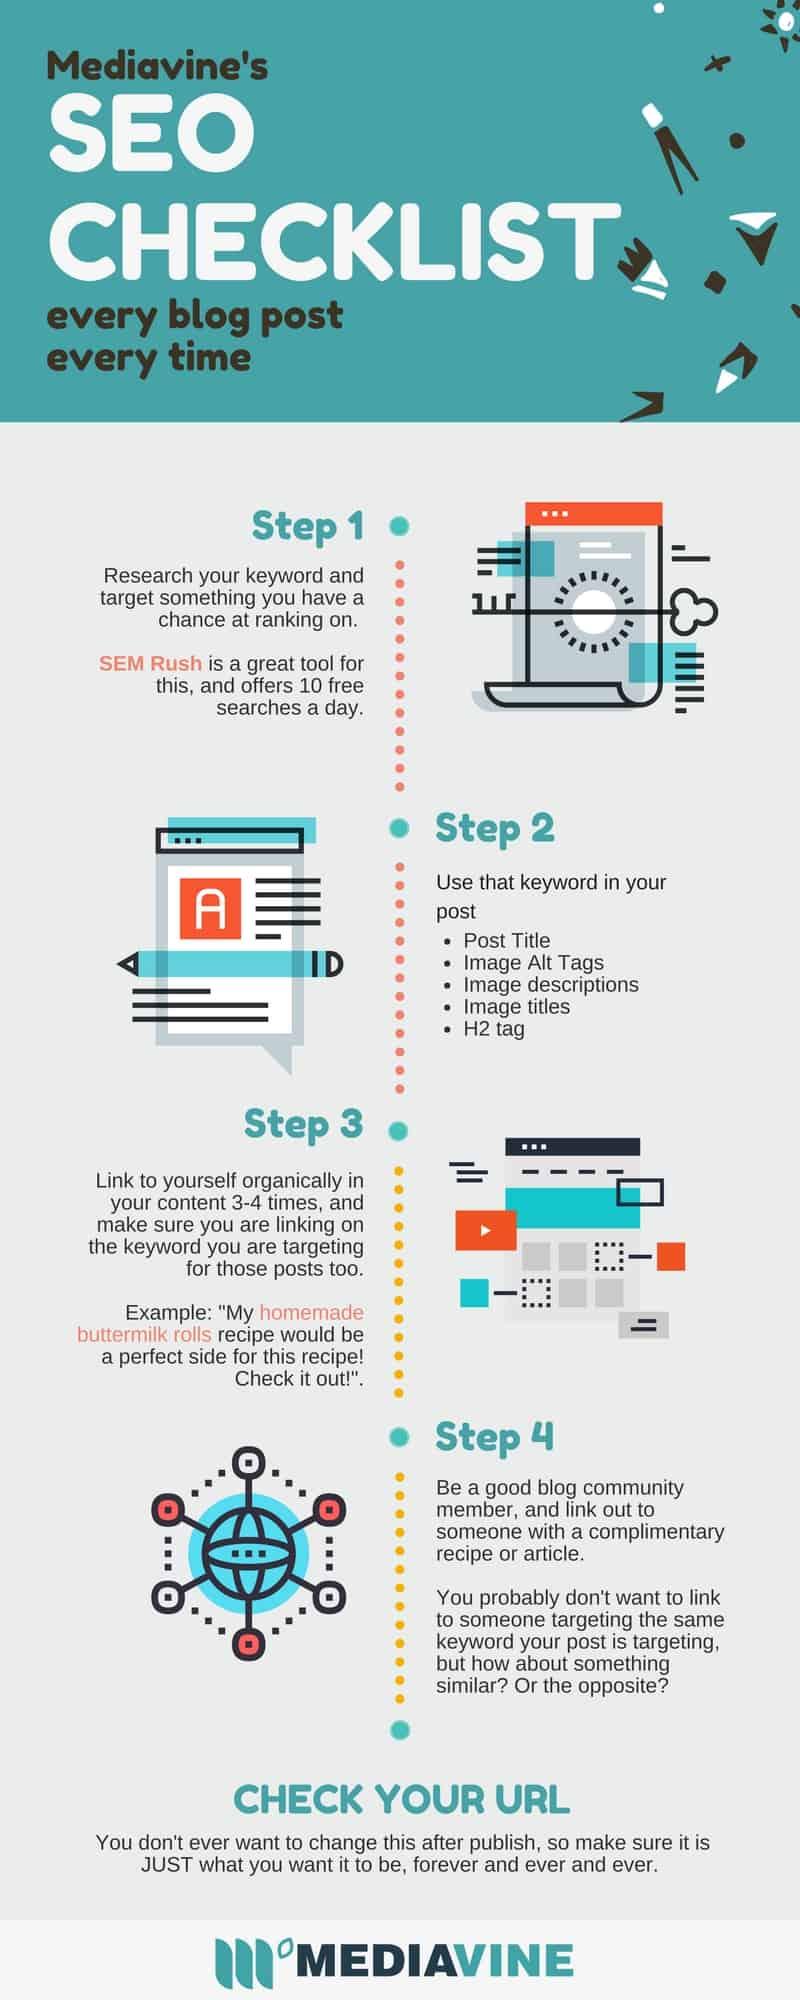 Mediavine's Ultimate SEO Checklist